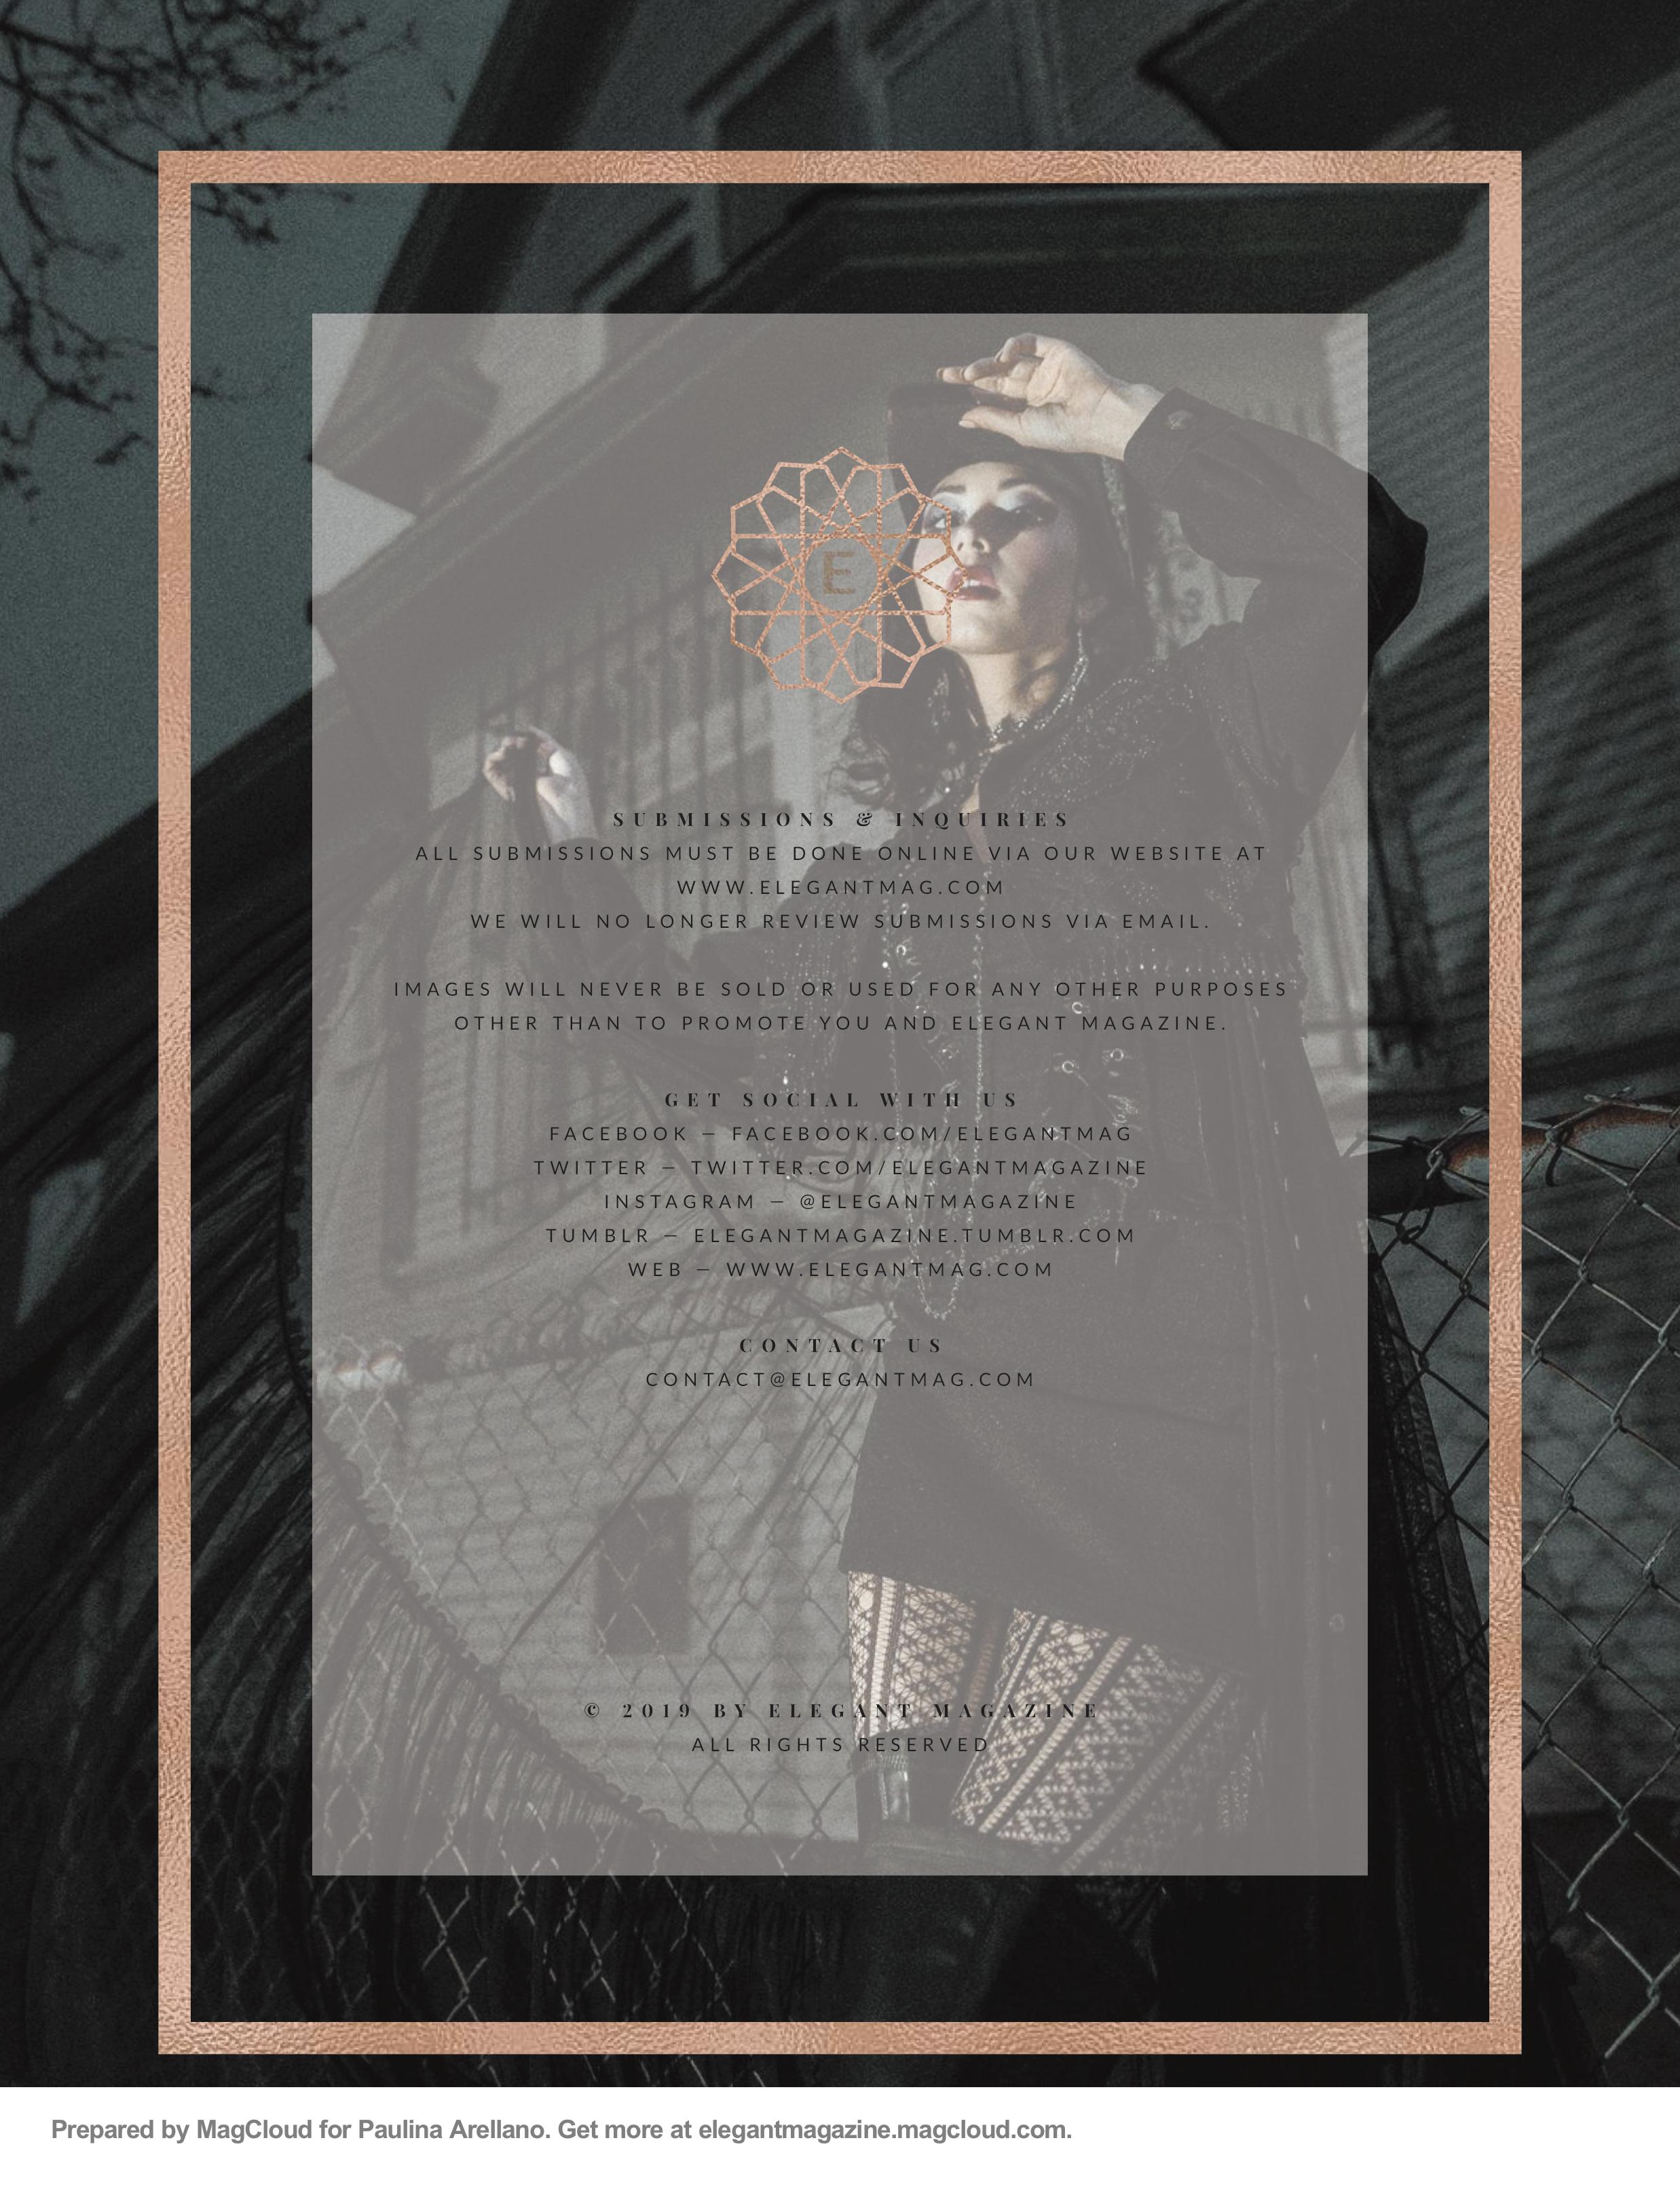 ELEGANT MAGAZINE Vol 61 No 18 - 84.jpg